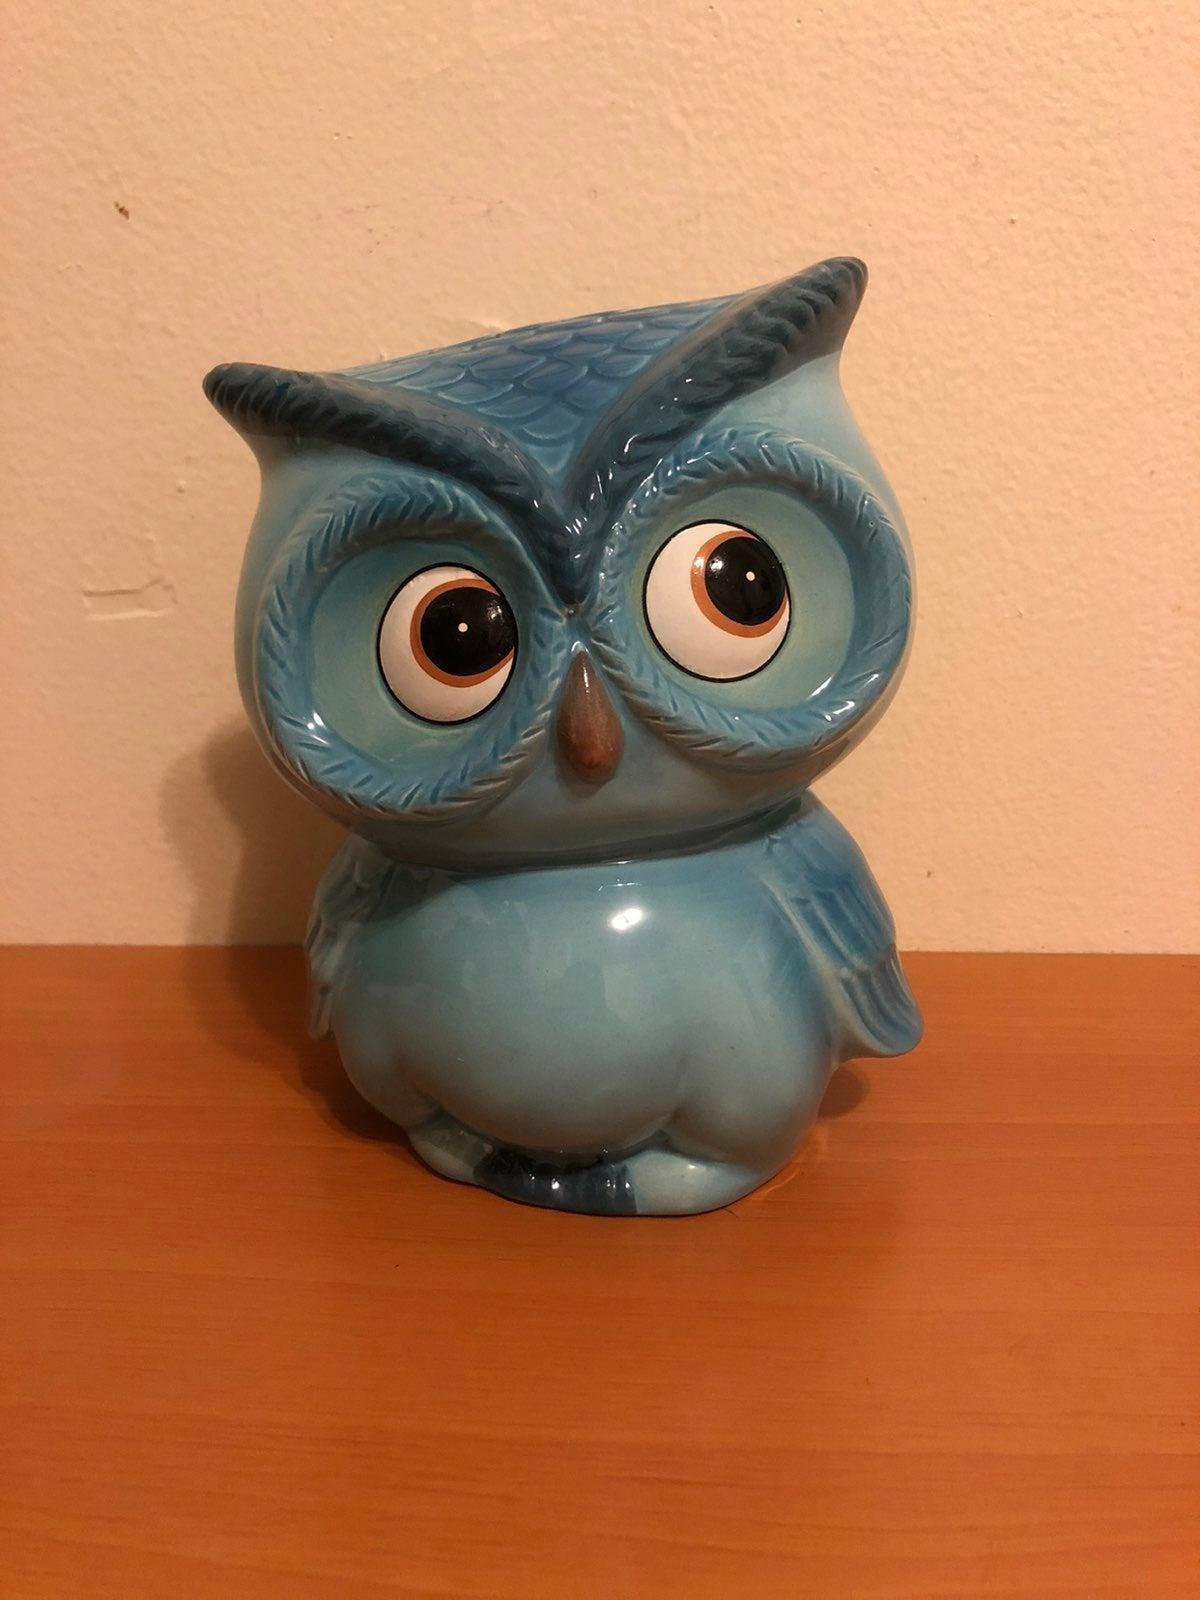 Ceramic Cute Owl Piggy Bank